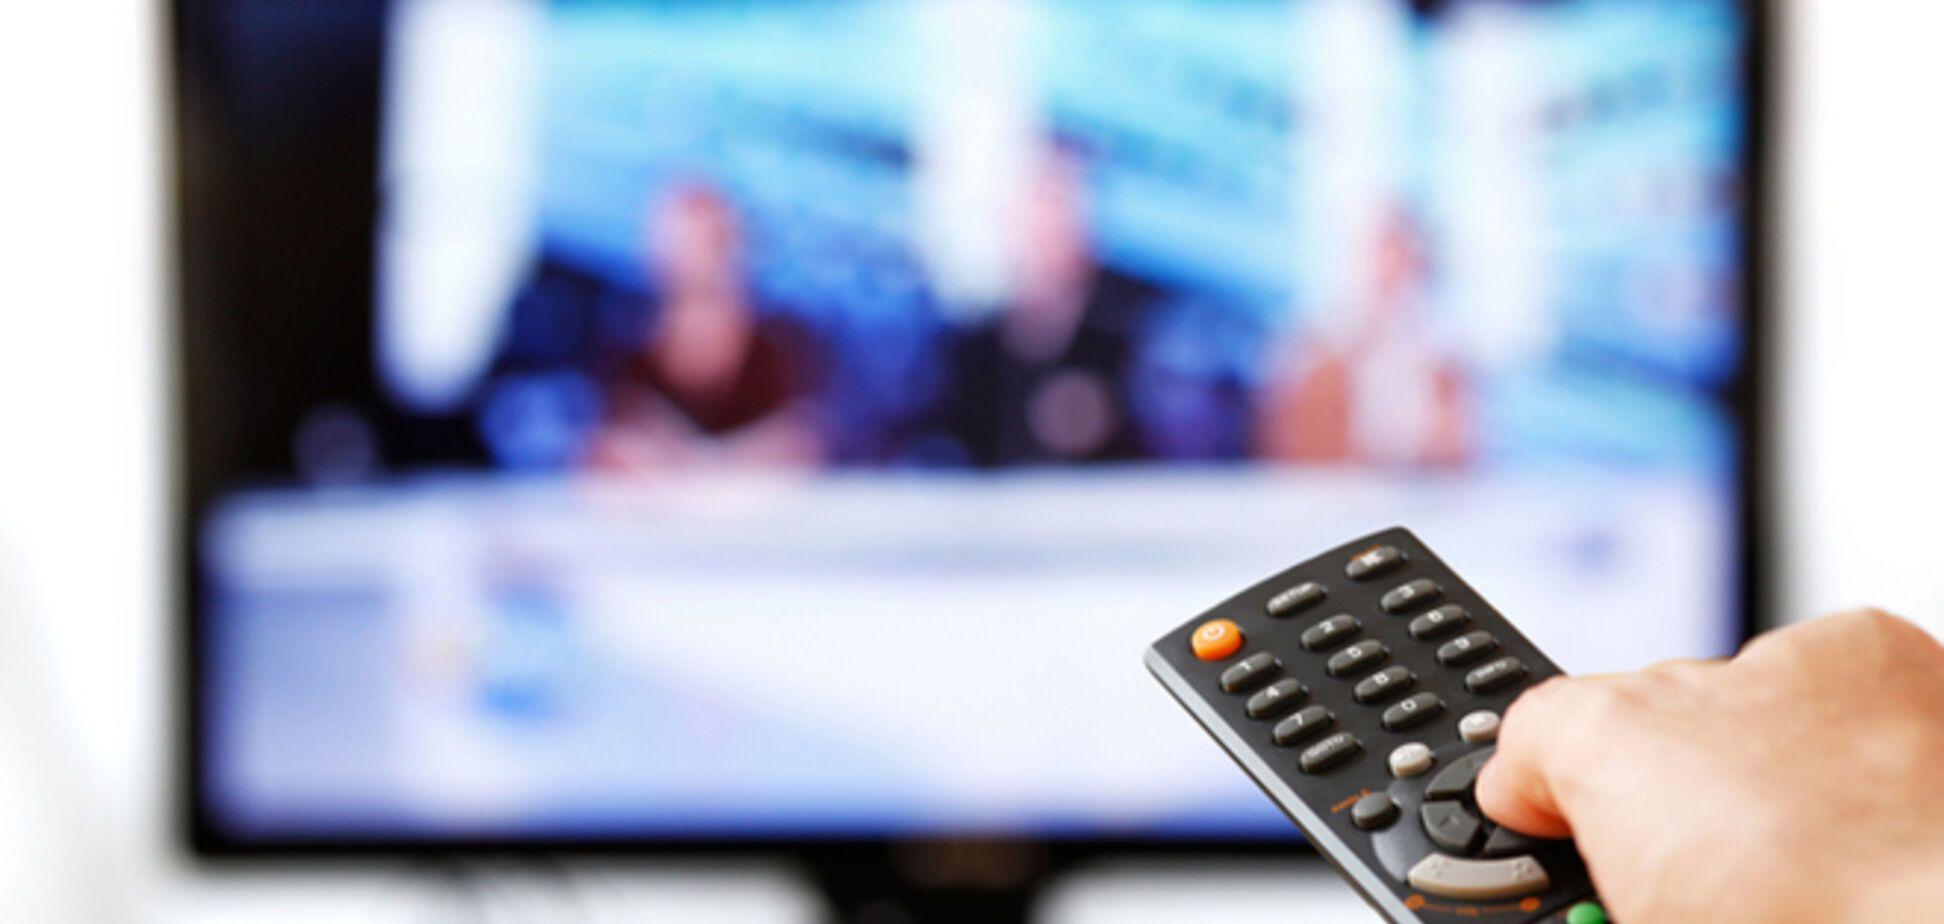 В Крыму отключат аналоговое телевидение из-за трансляции украинских каналов